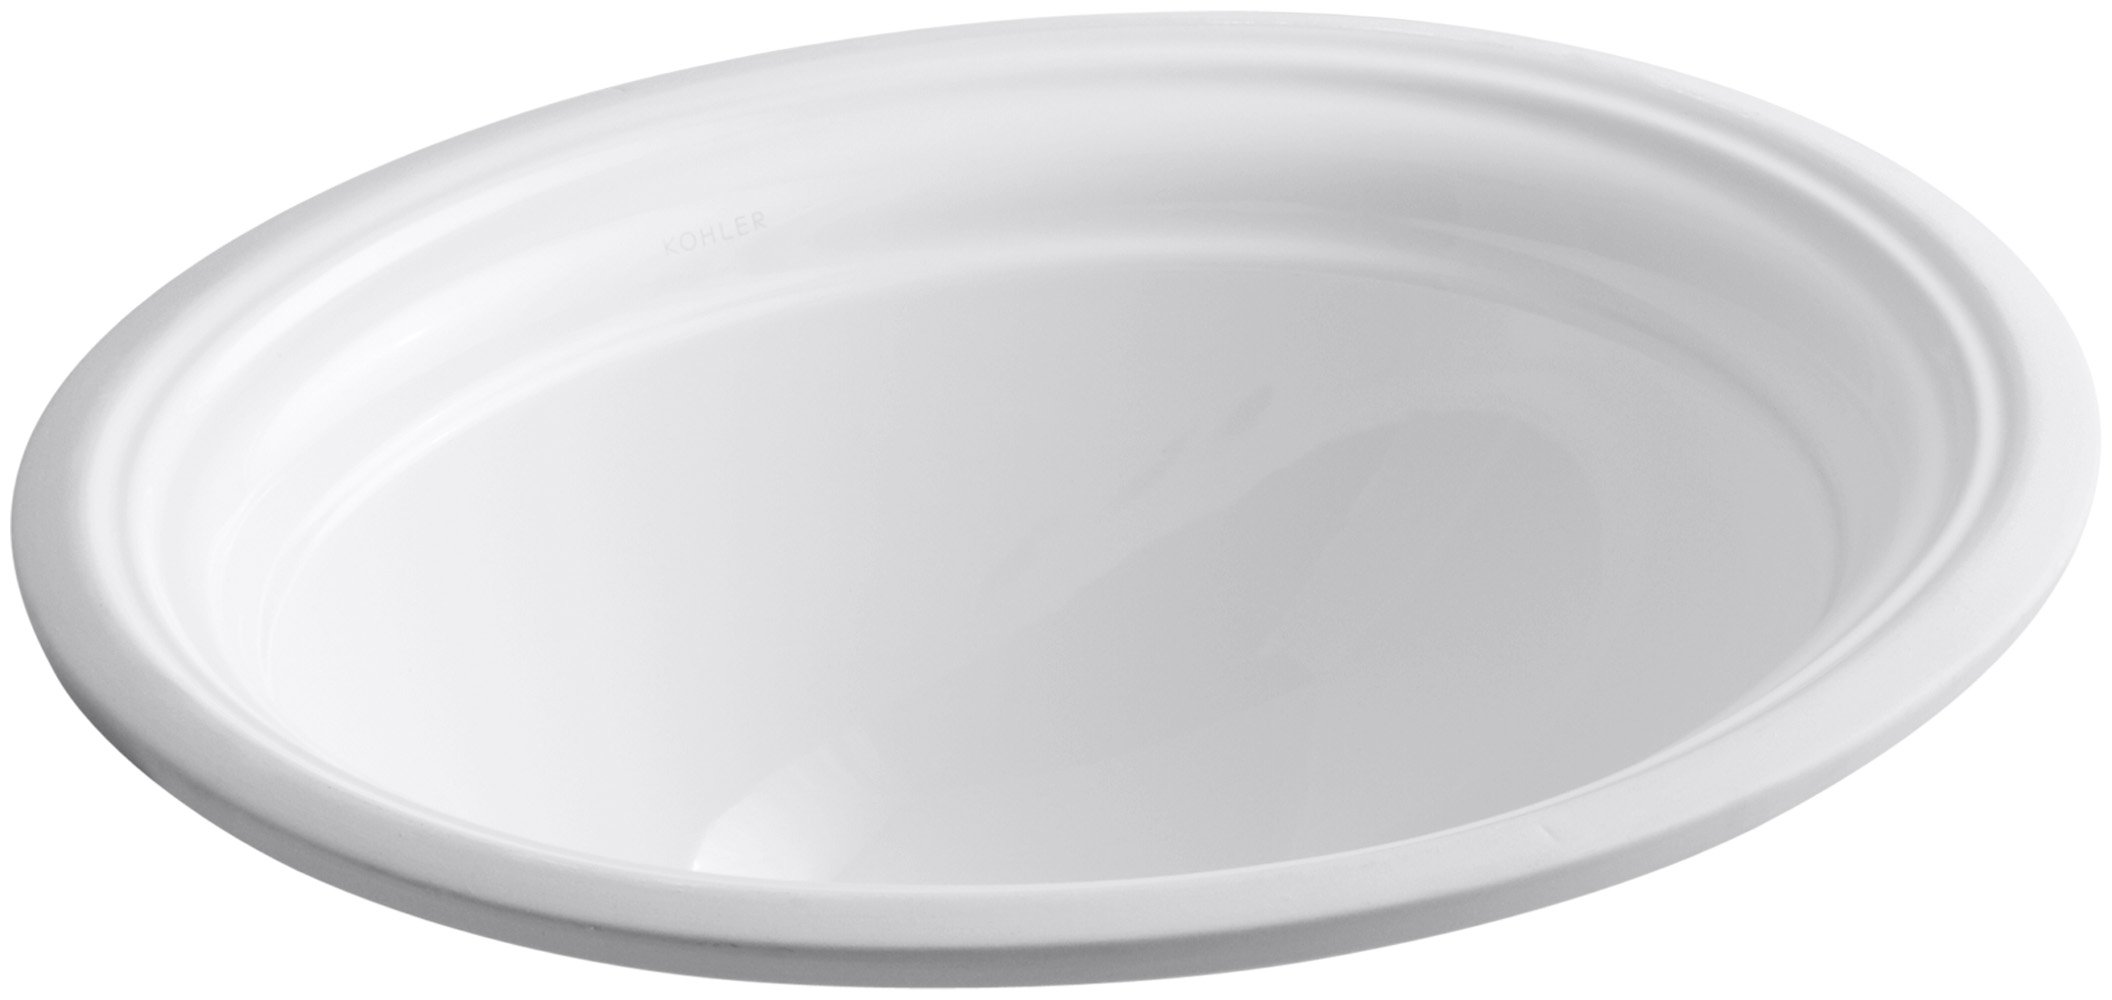 KOHLER K-2350-0 Devonshire Undercounter Bathroom Sink, White